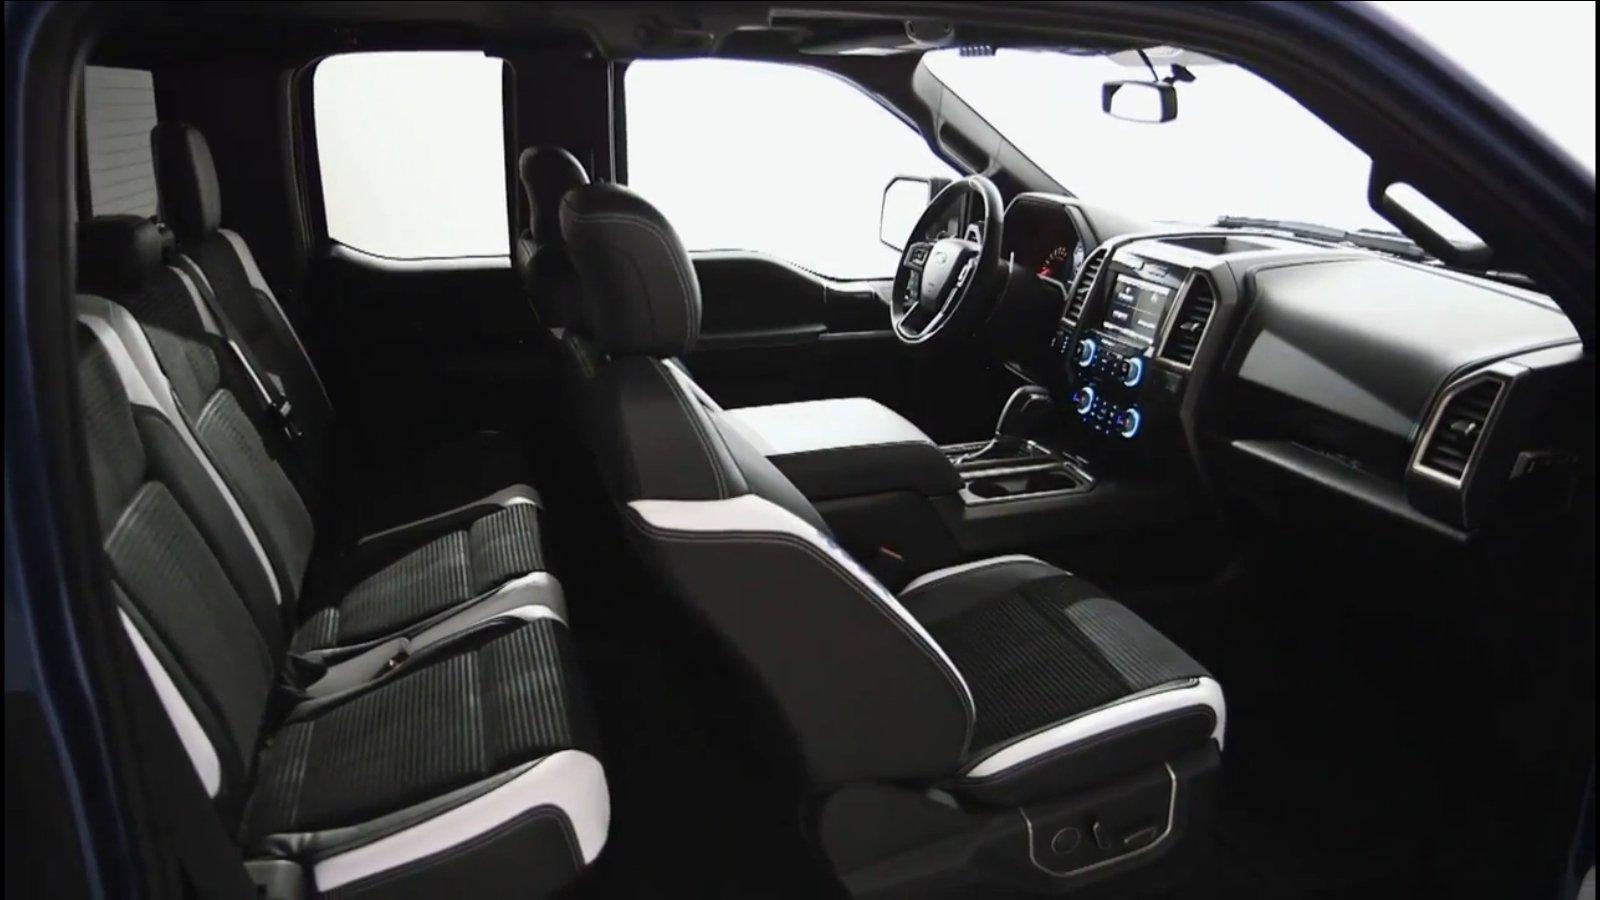 2019 Ford Ranger8